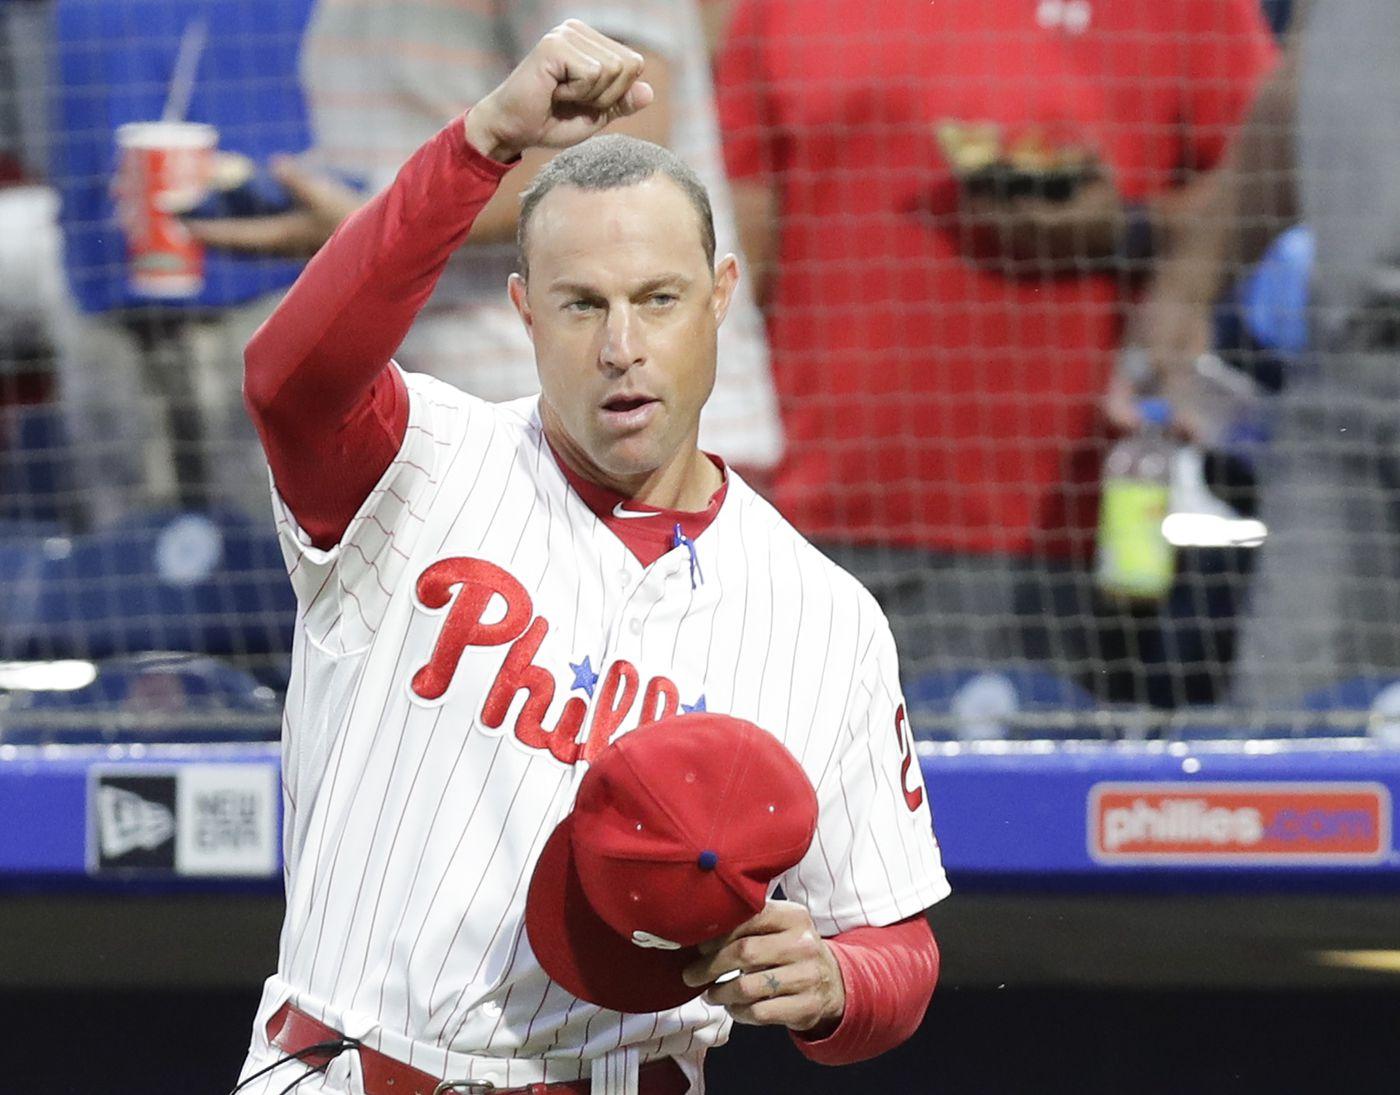 Phillies GM: Gabe Kapler will return as manager in 2019